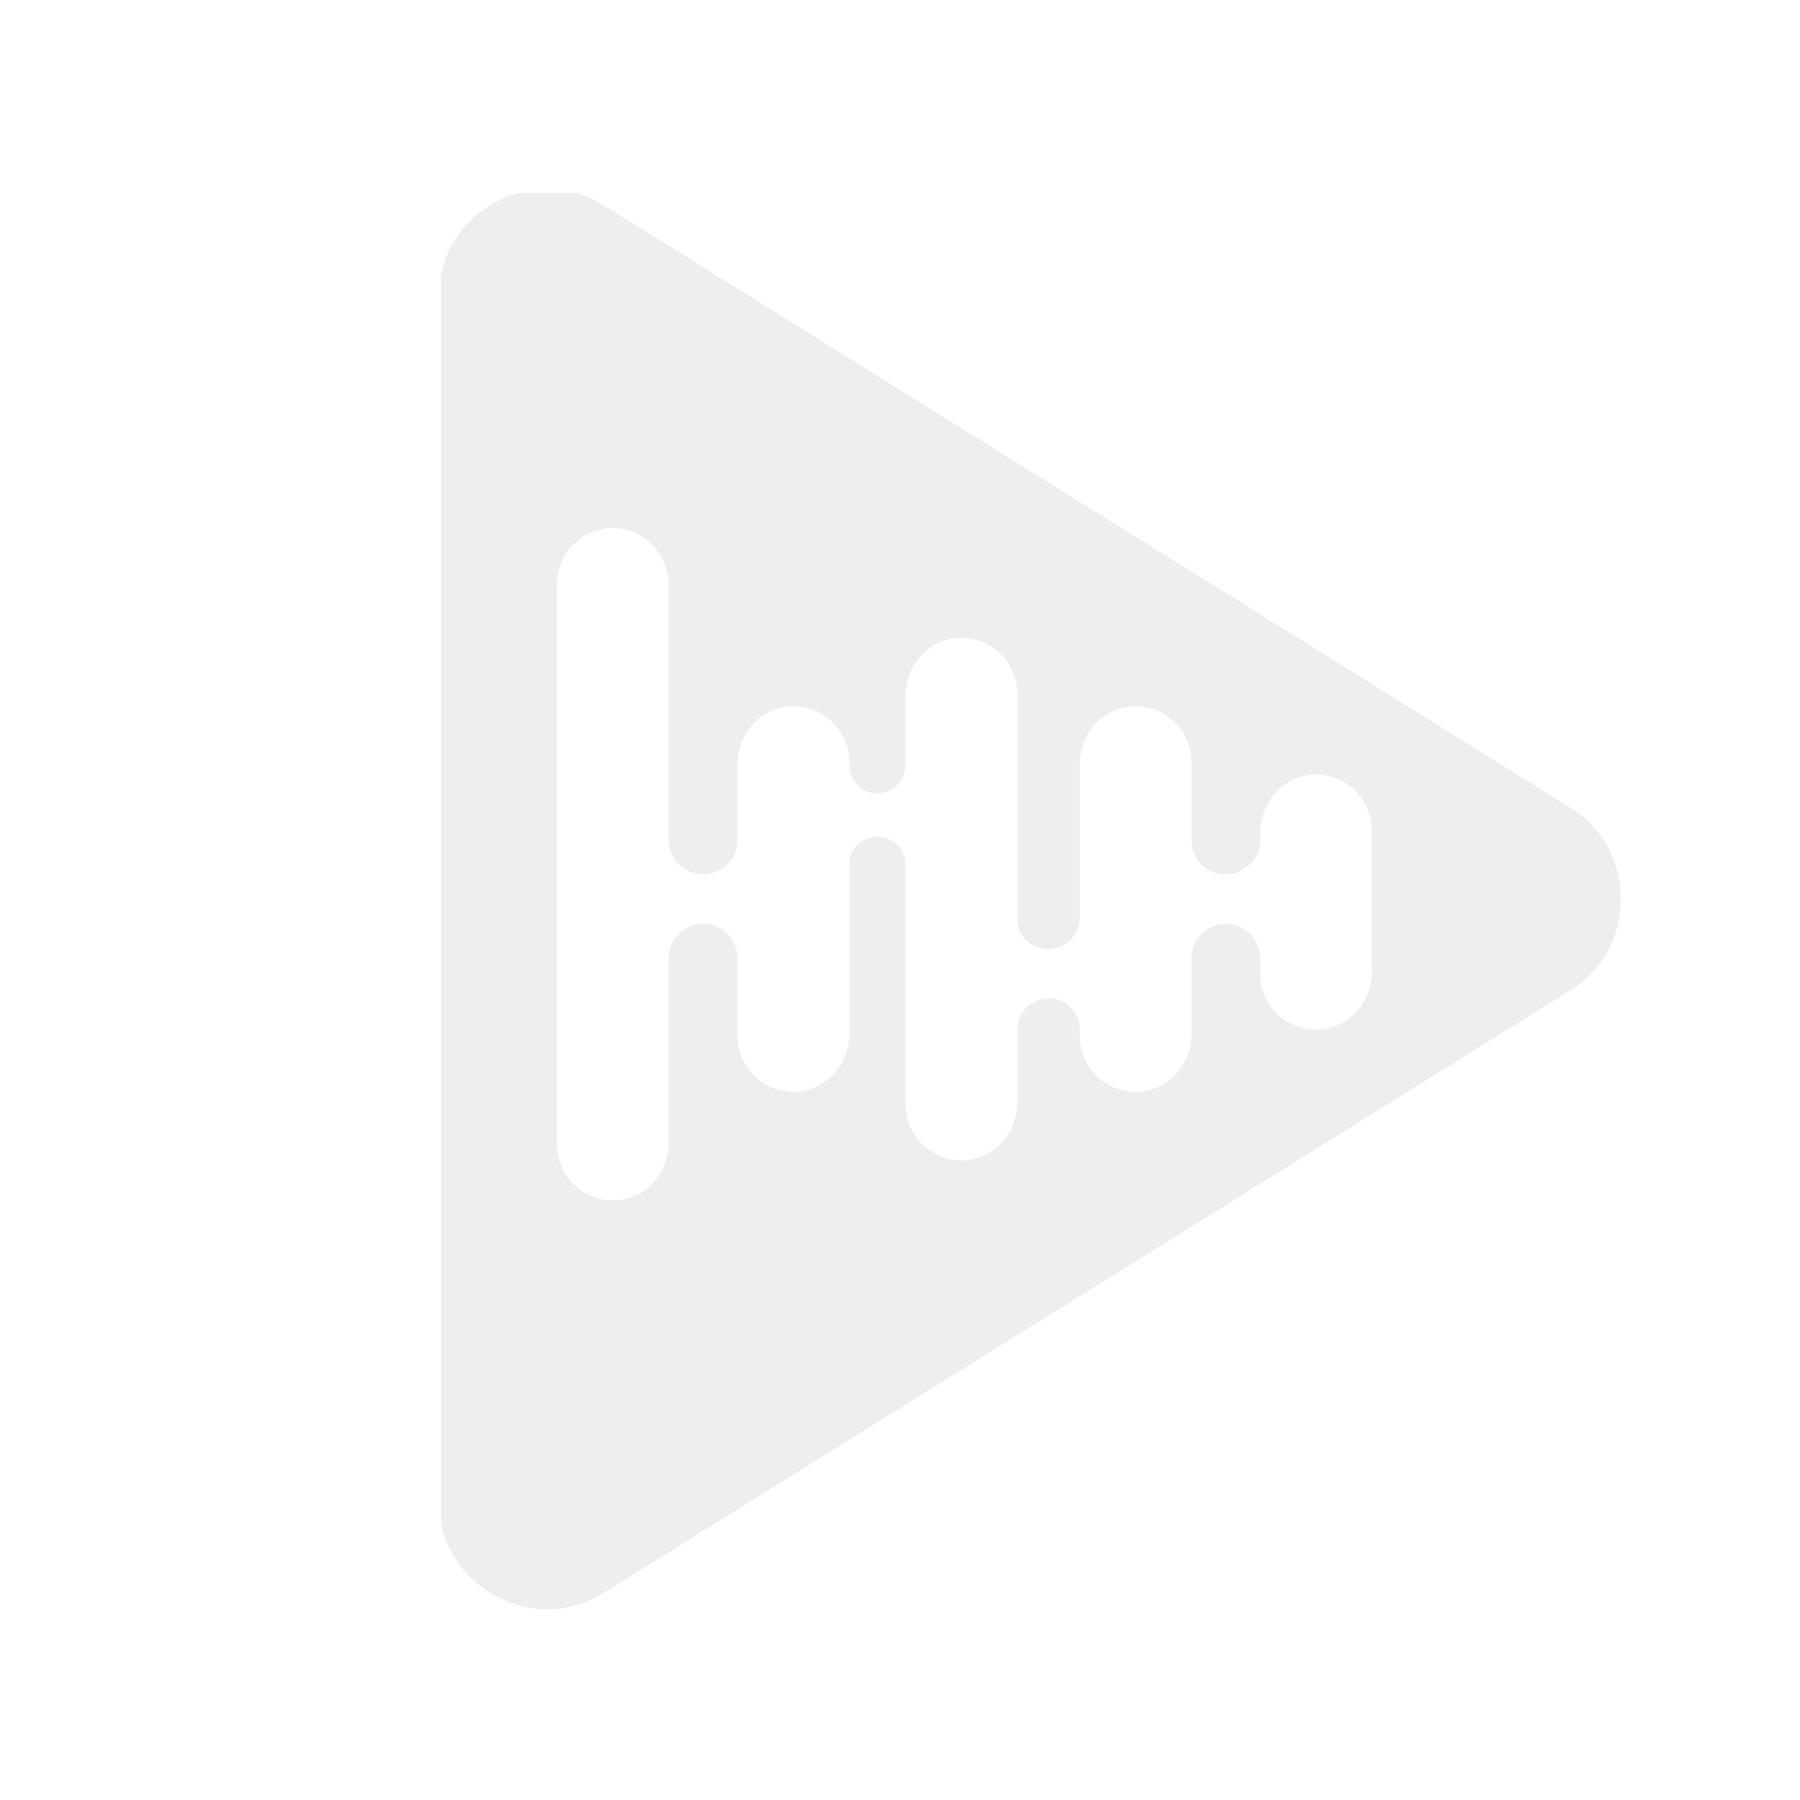 Incartec 40-1303W-165